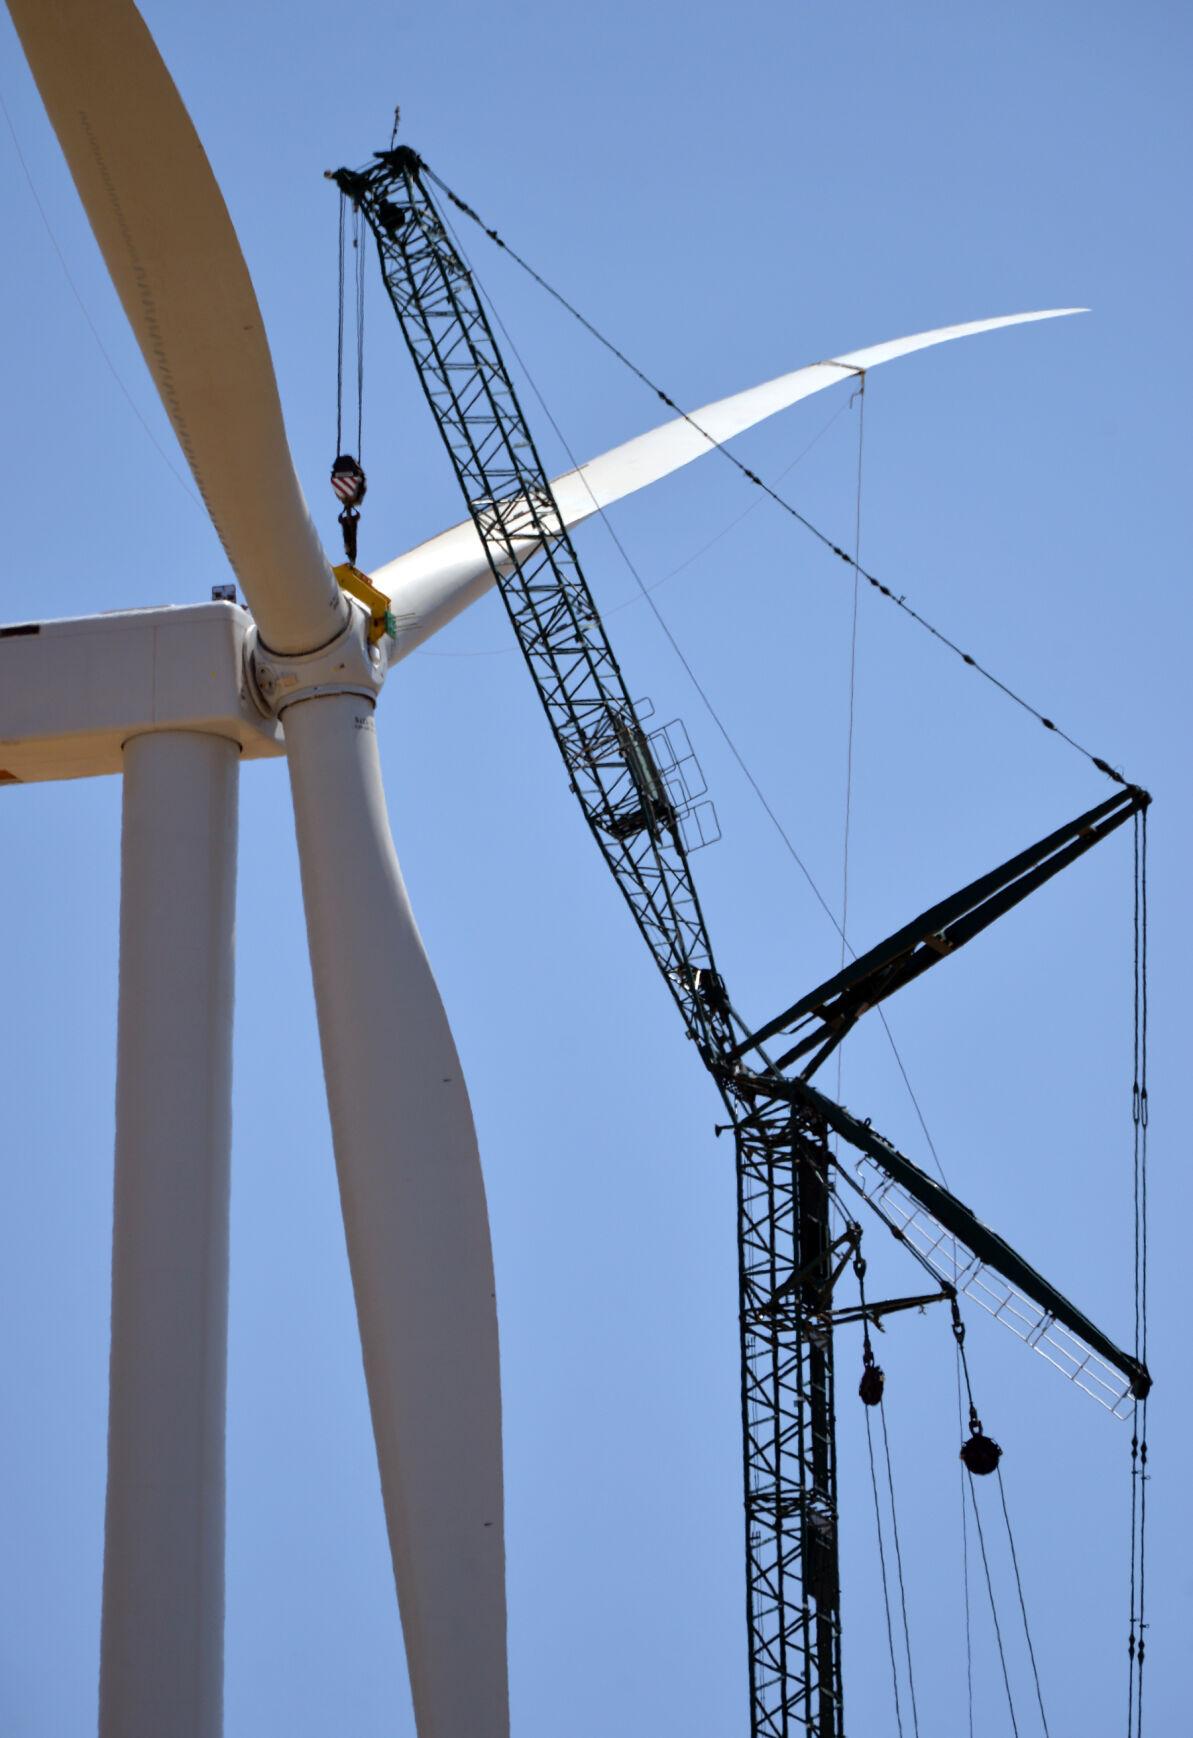 Windmill 07-25-20 255